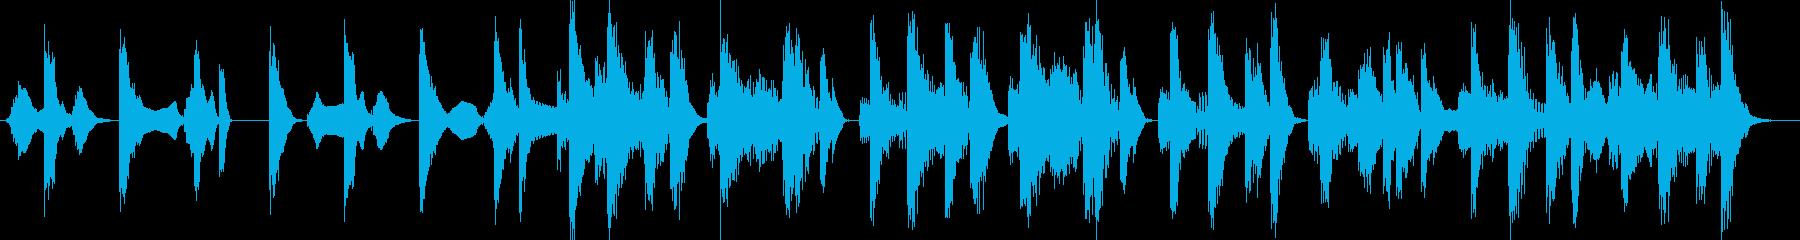 手拍子CM企業VP用の明るく楽しい曲の再生済みの波形